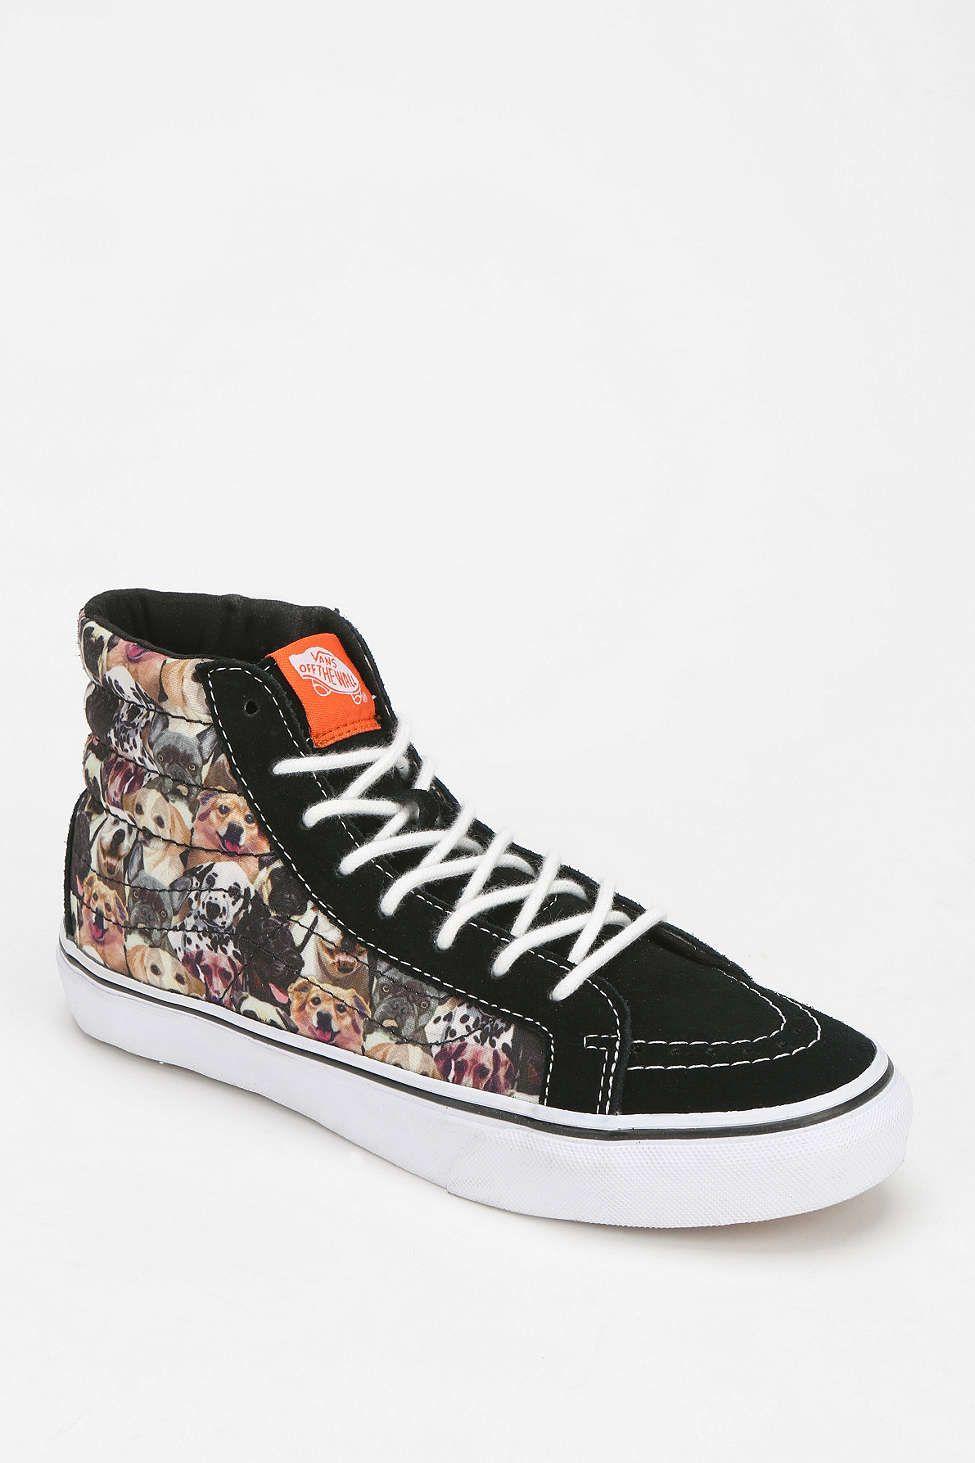 692eaa37c63c48 Vans Sk8-Hi Dog Print Women s High-Top Sneaker